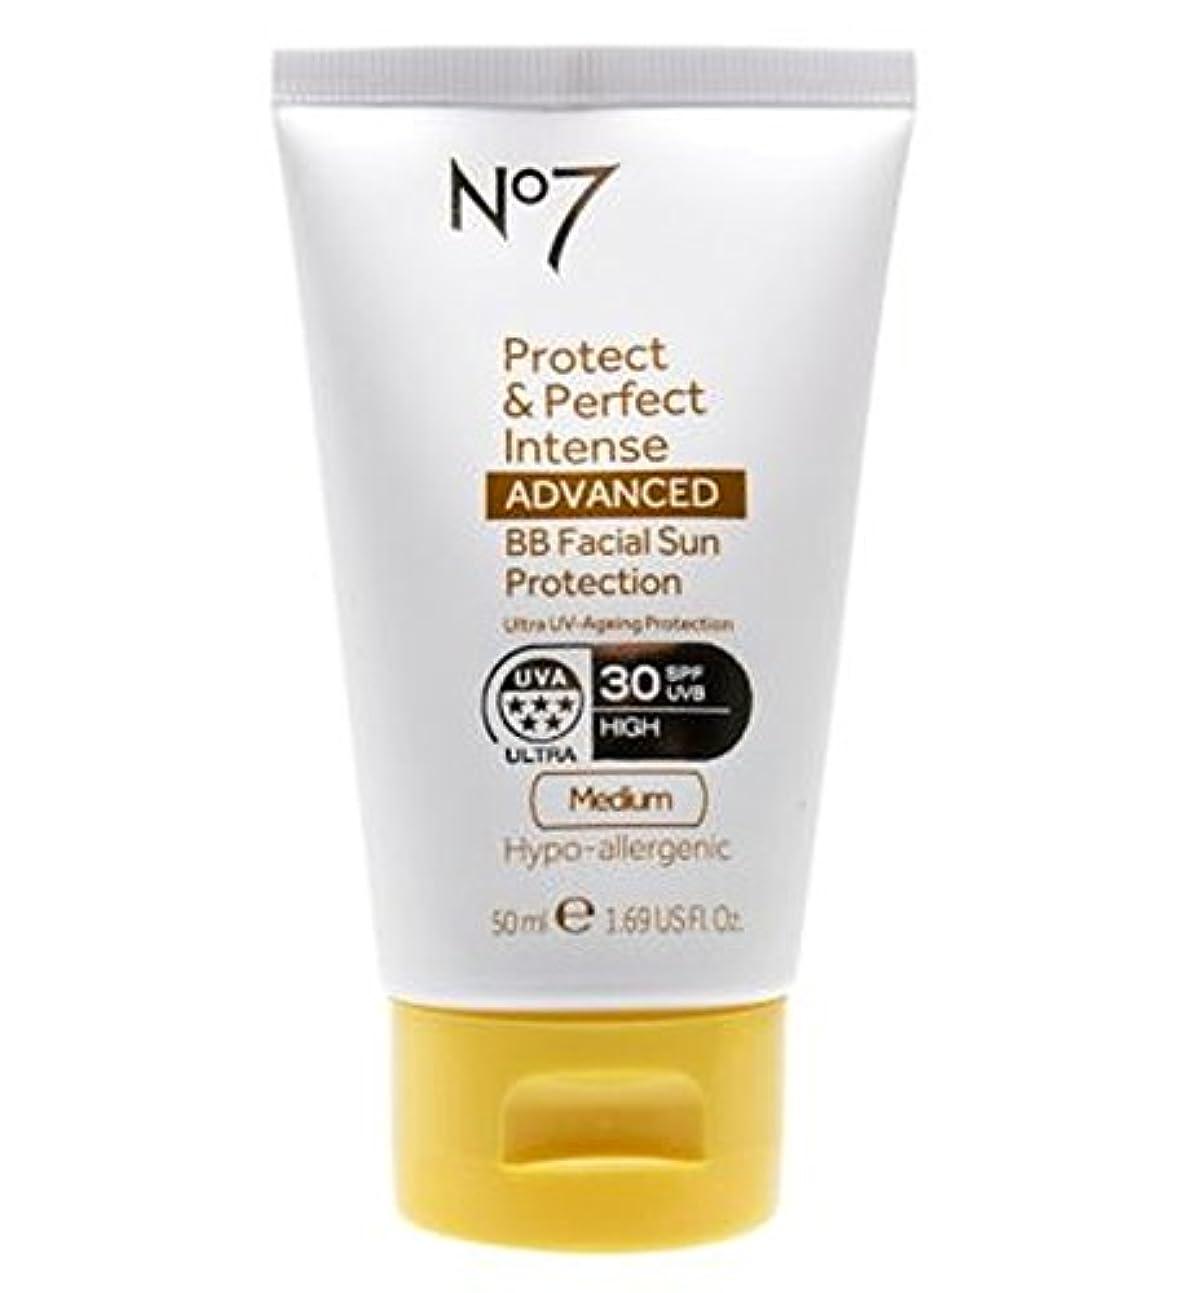 下資本パパNo7 Protect & Perfect Intense ADVANCED BB Facial Sun Protection SPF30 Medium 50ml - No7保護&完璧な強烈な先進Bb顔の日焼け防止Spf30...